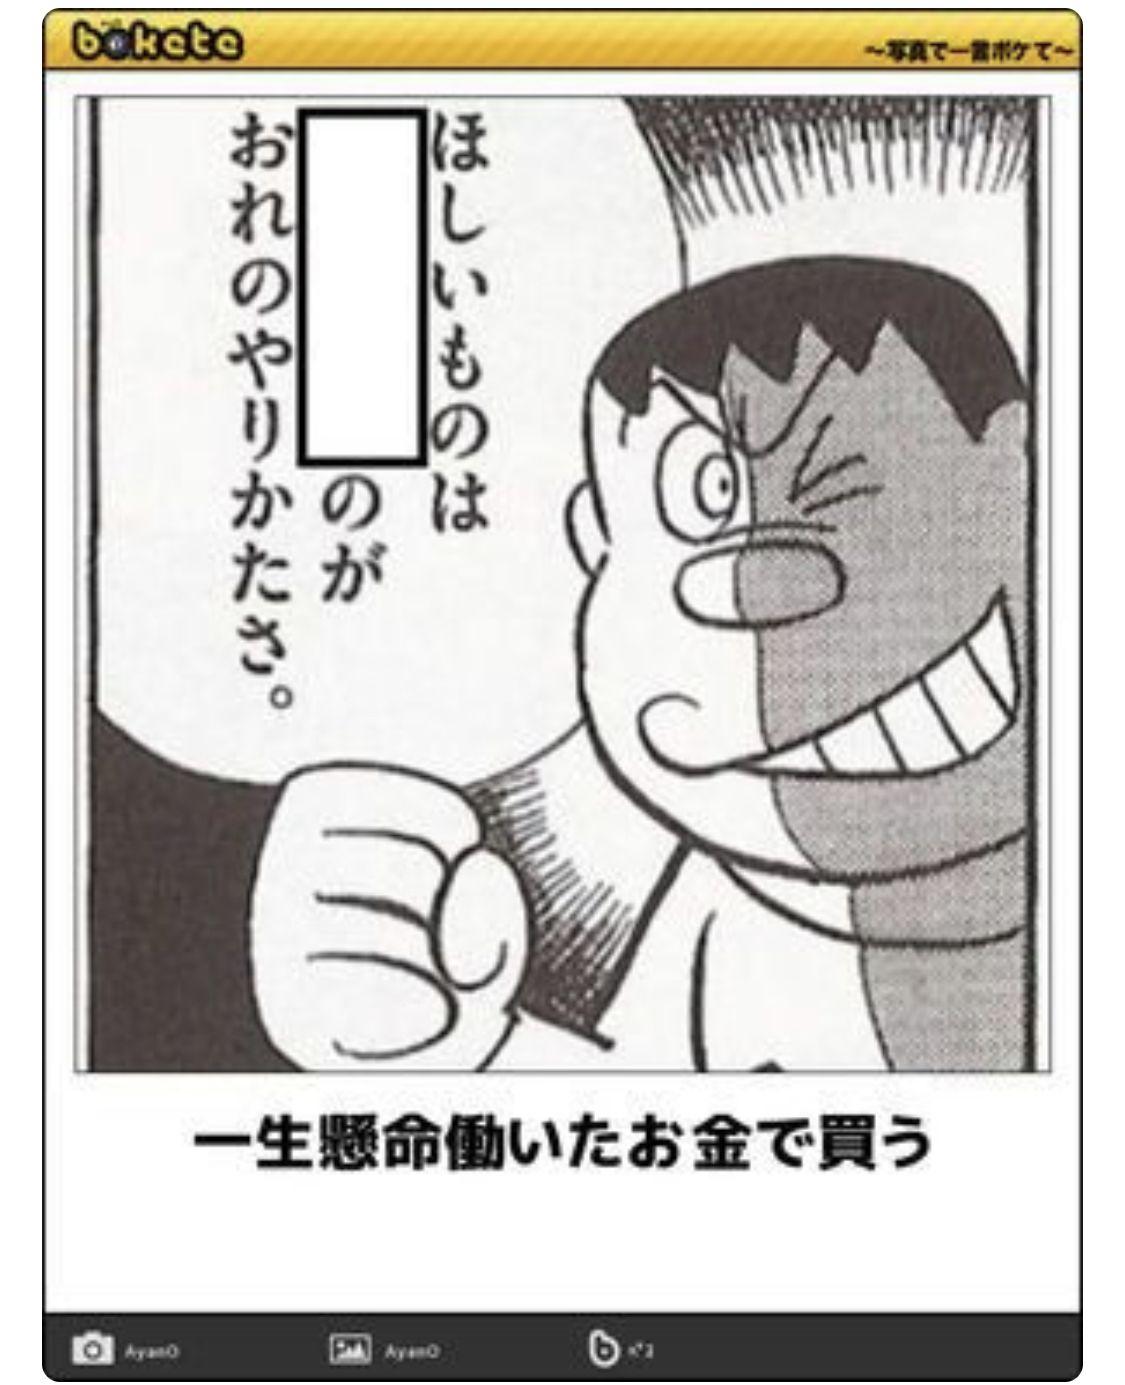 pin by doraemon on ボケて doraemon comics doraemon funny comics